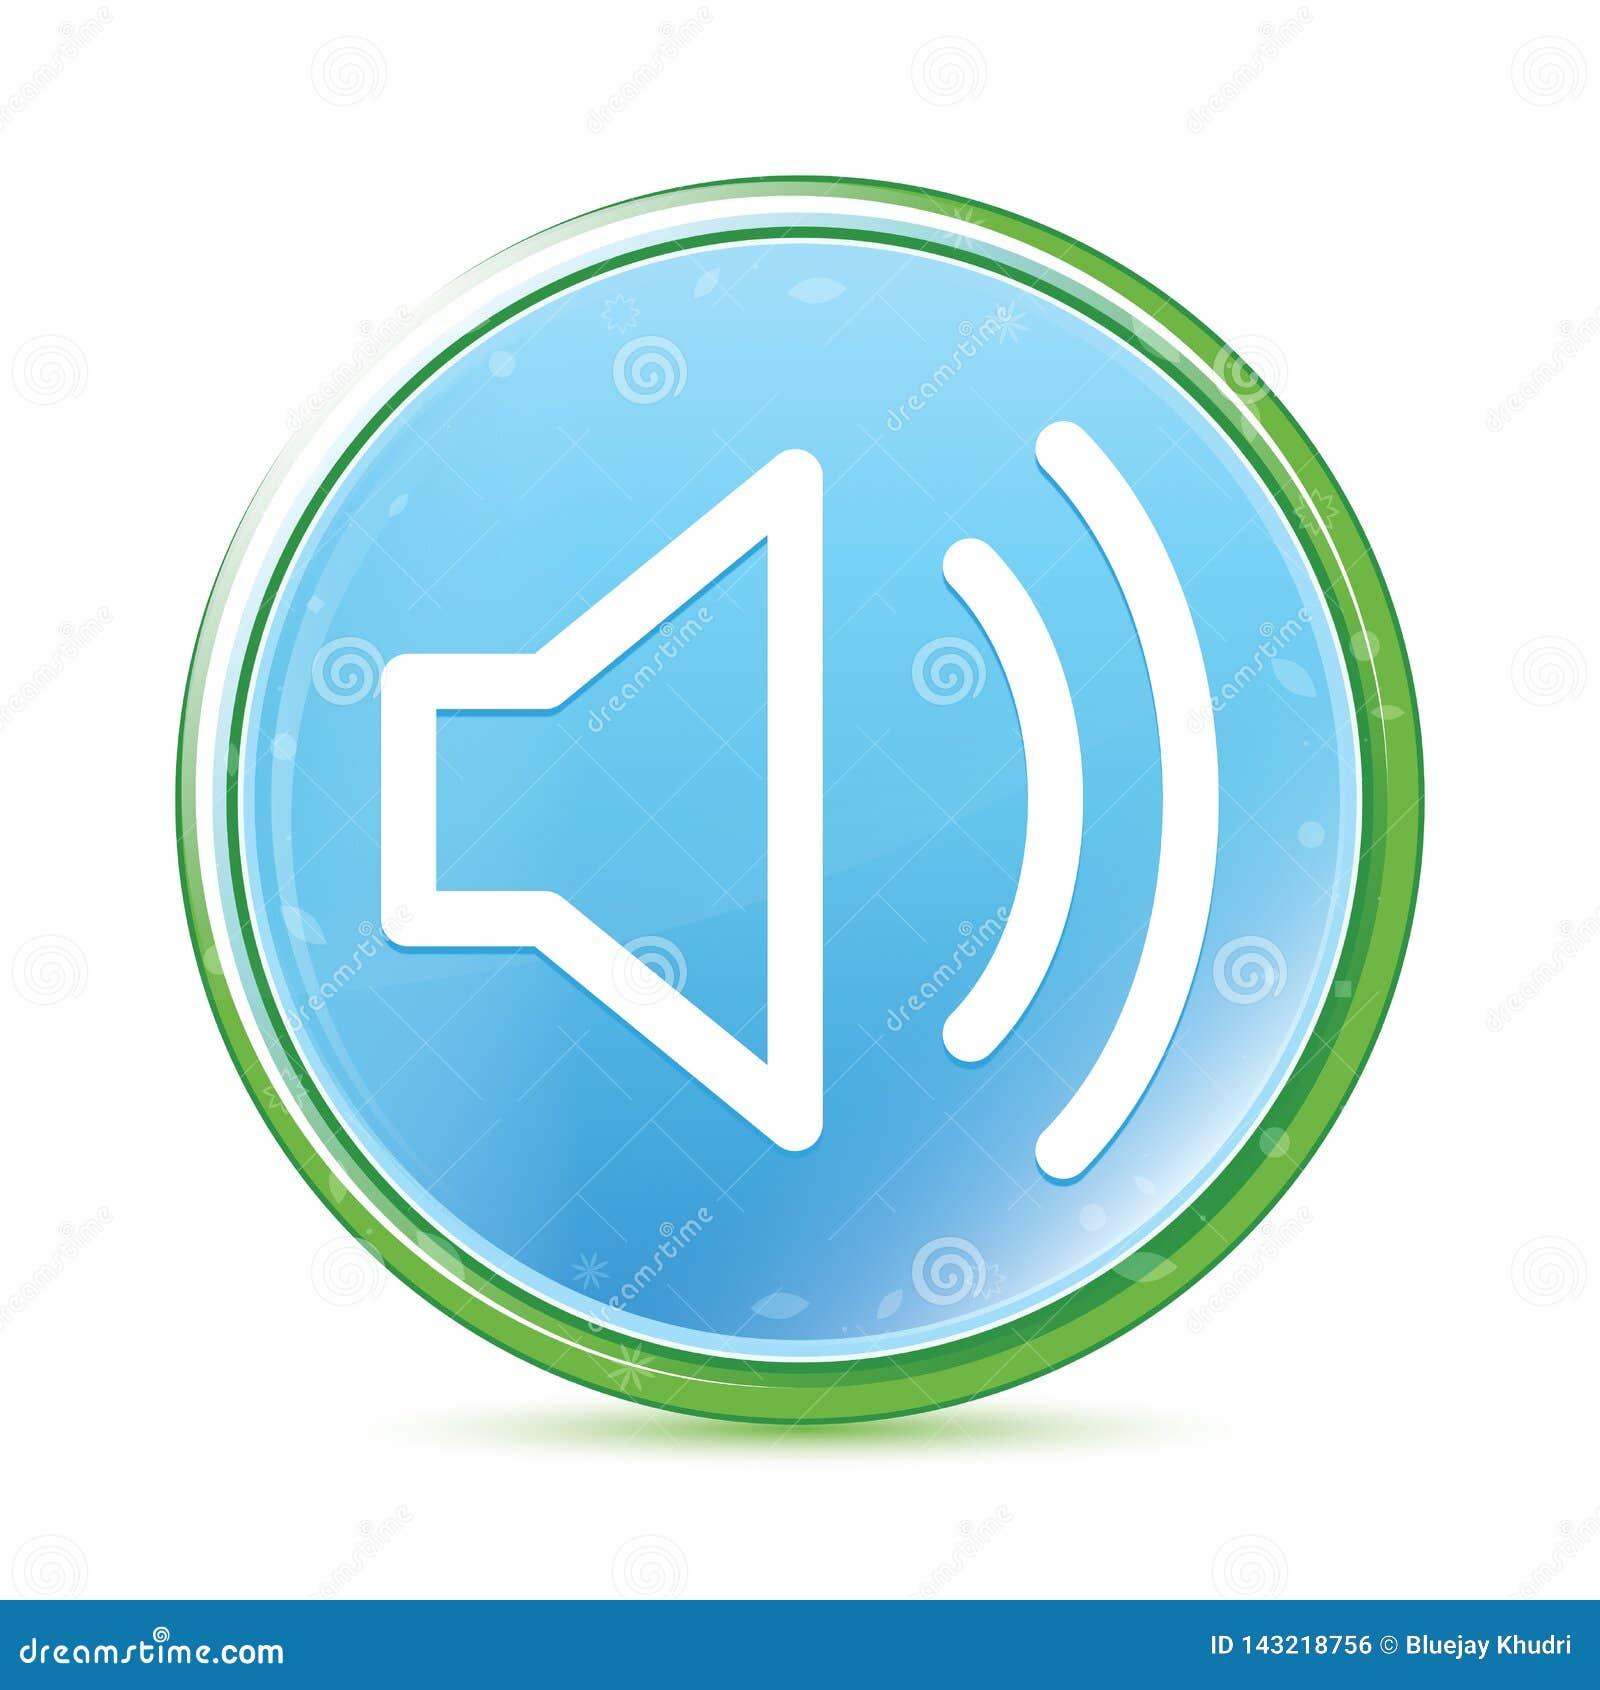 Volume speaker icon natural aqua cyan blue round button